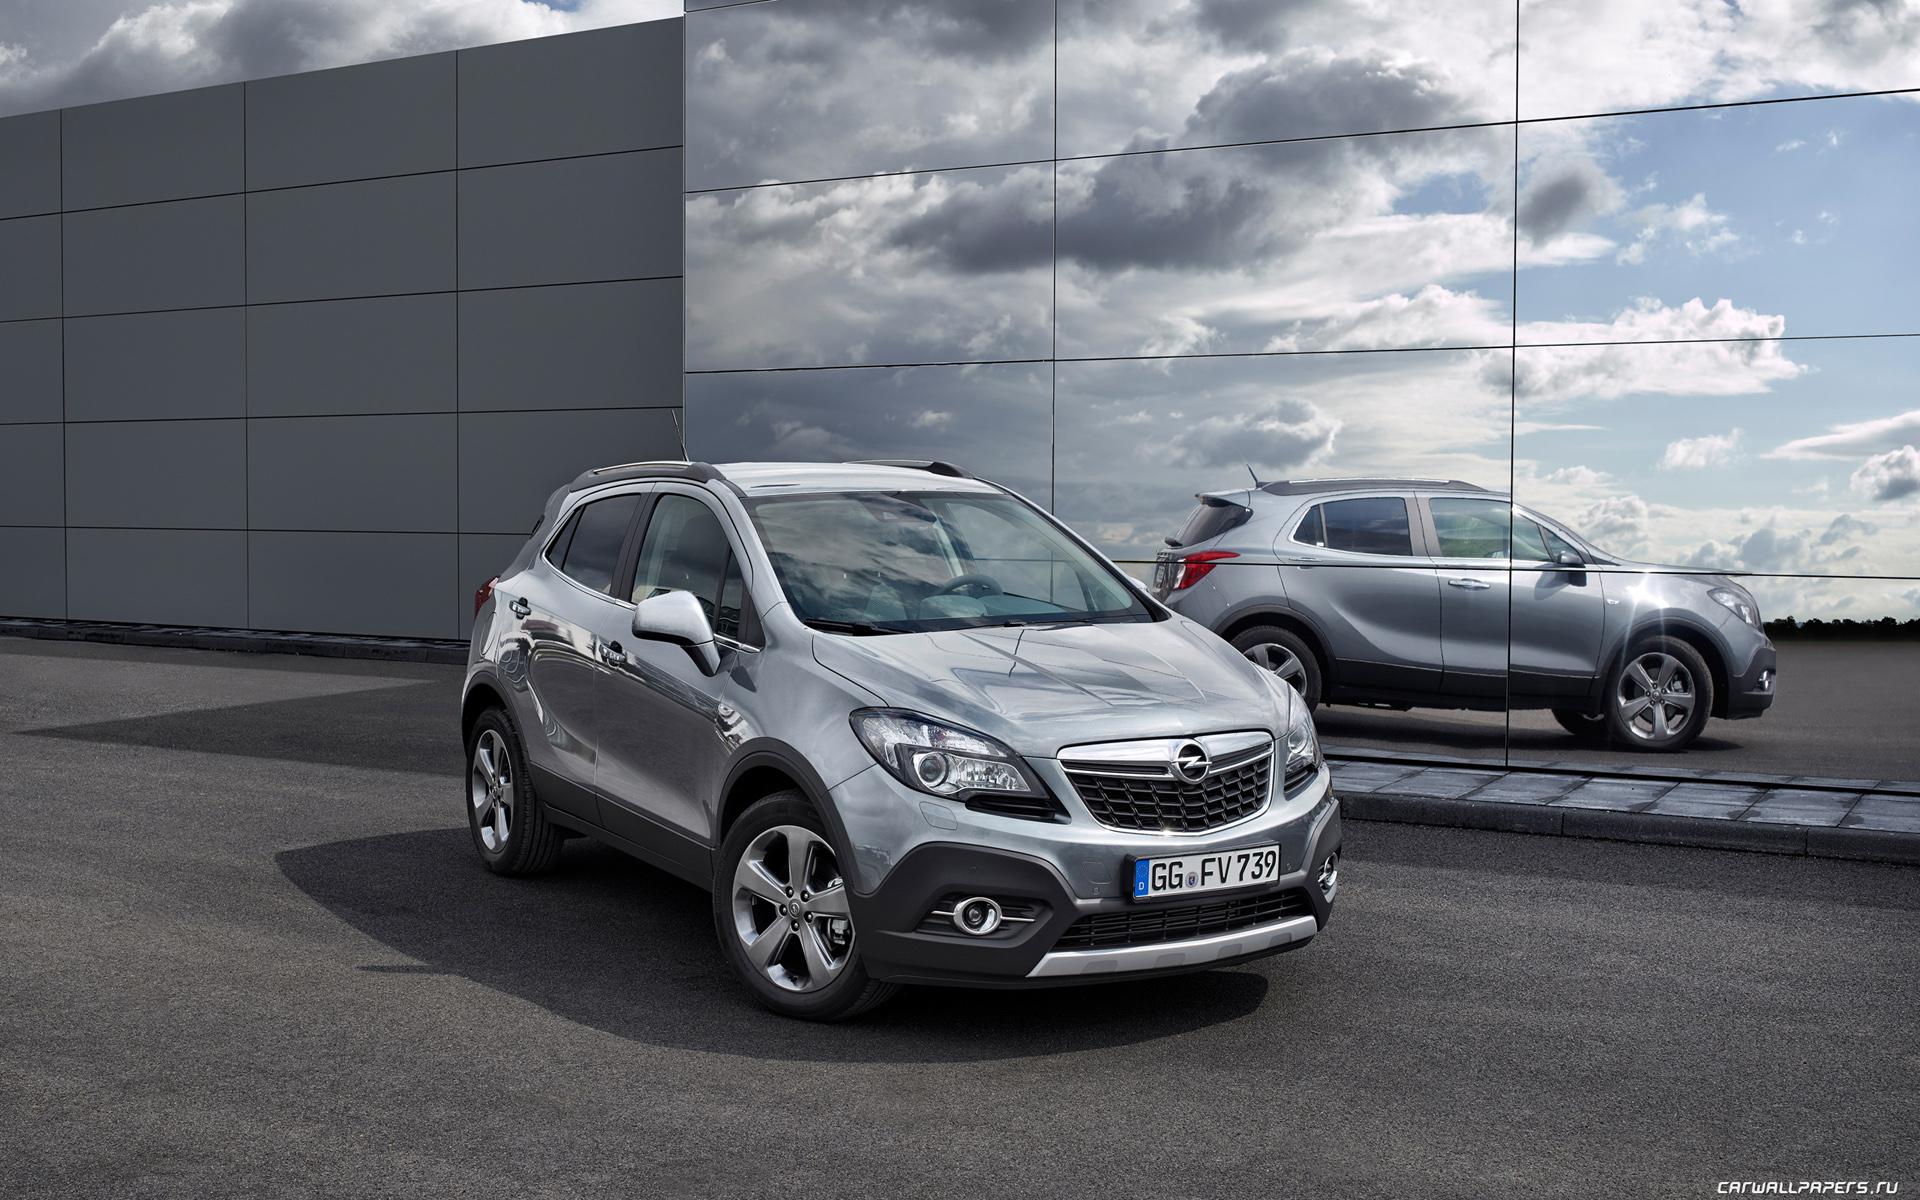 Cars Desktop Wallpapers Opel Mokka Ecoflex 2014